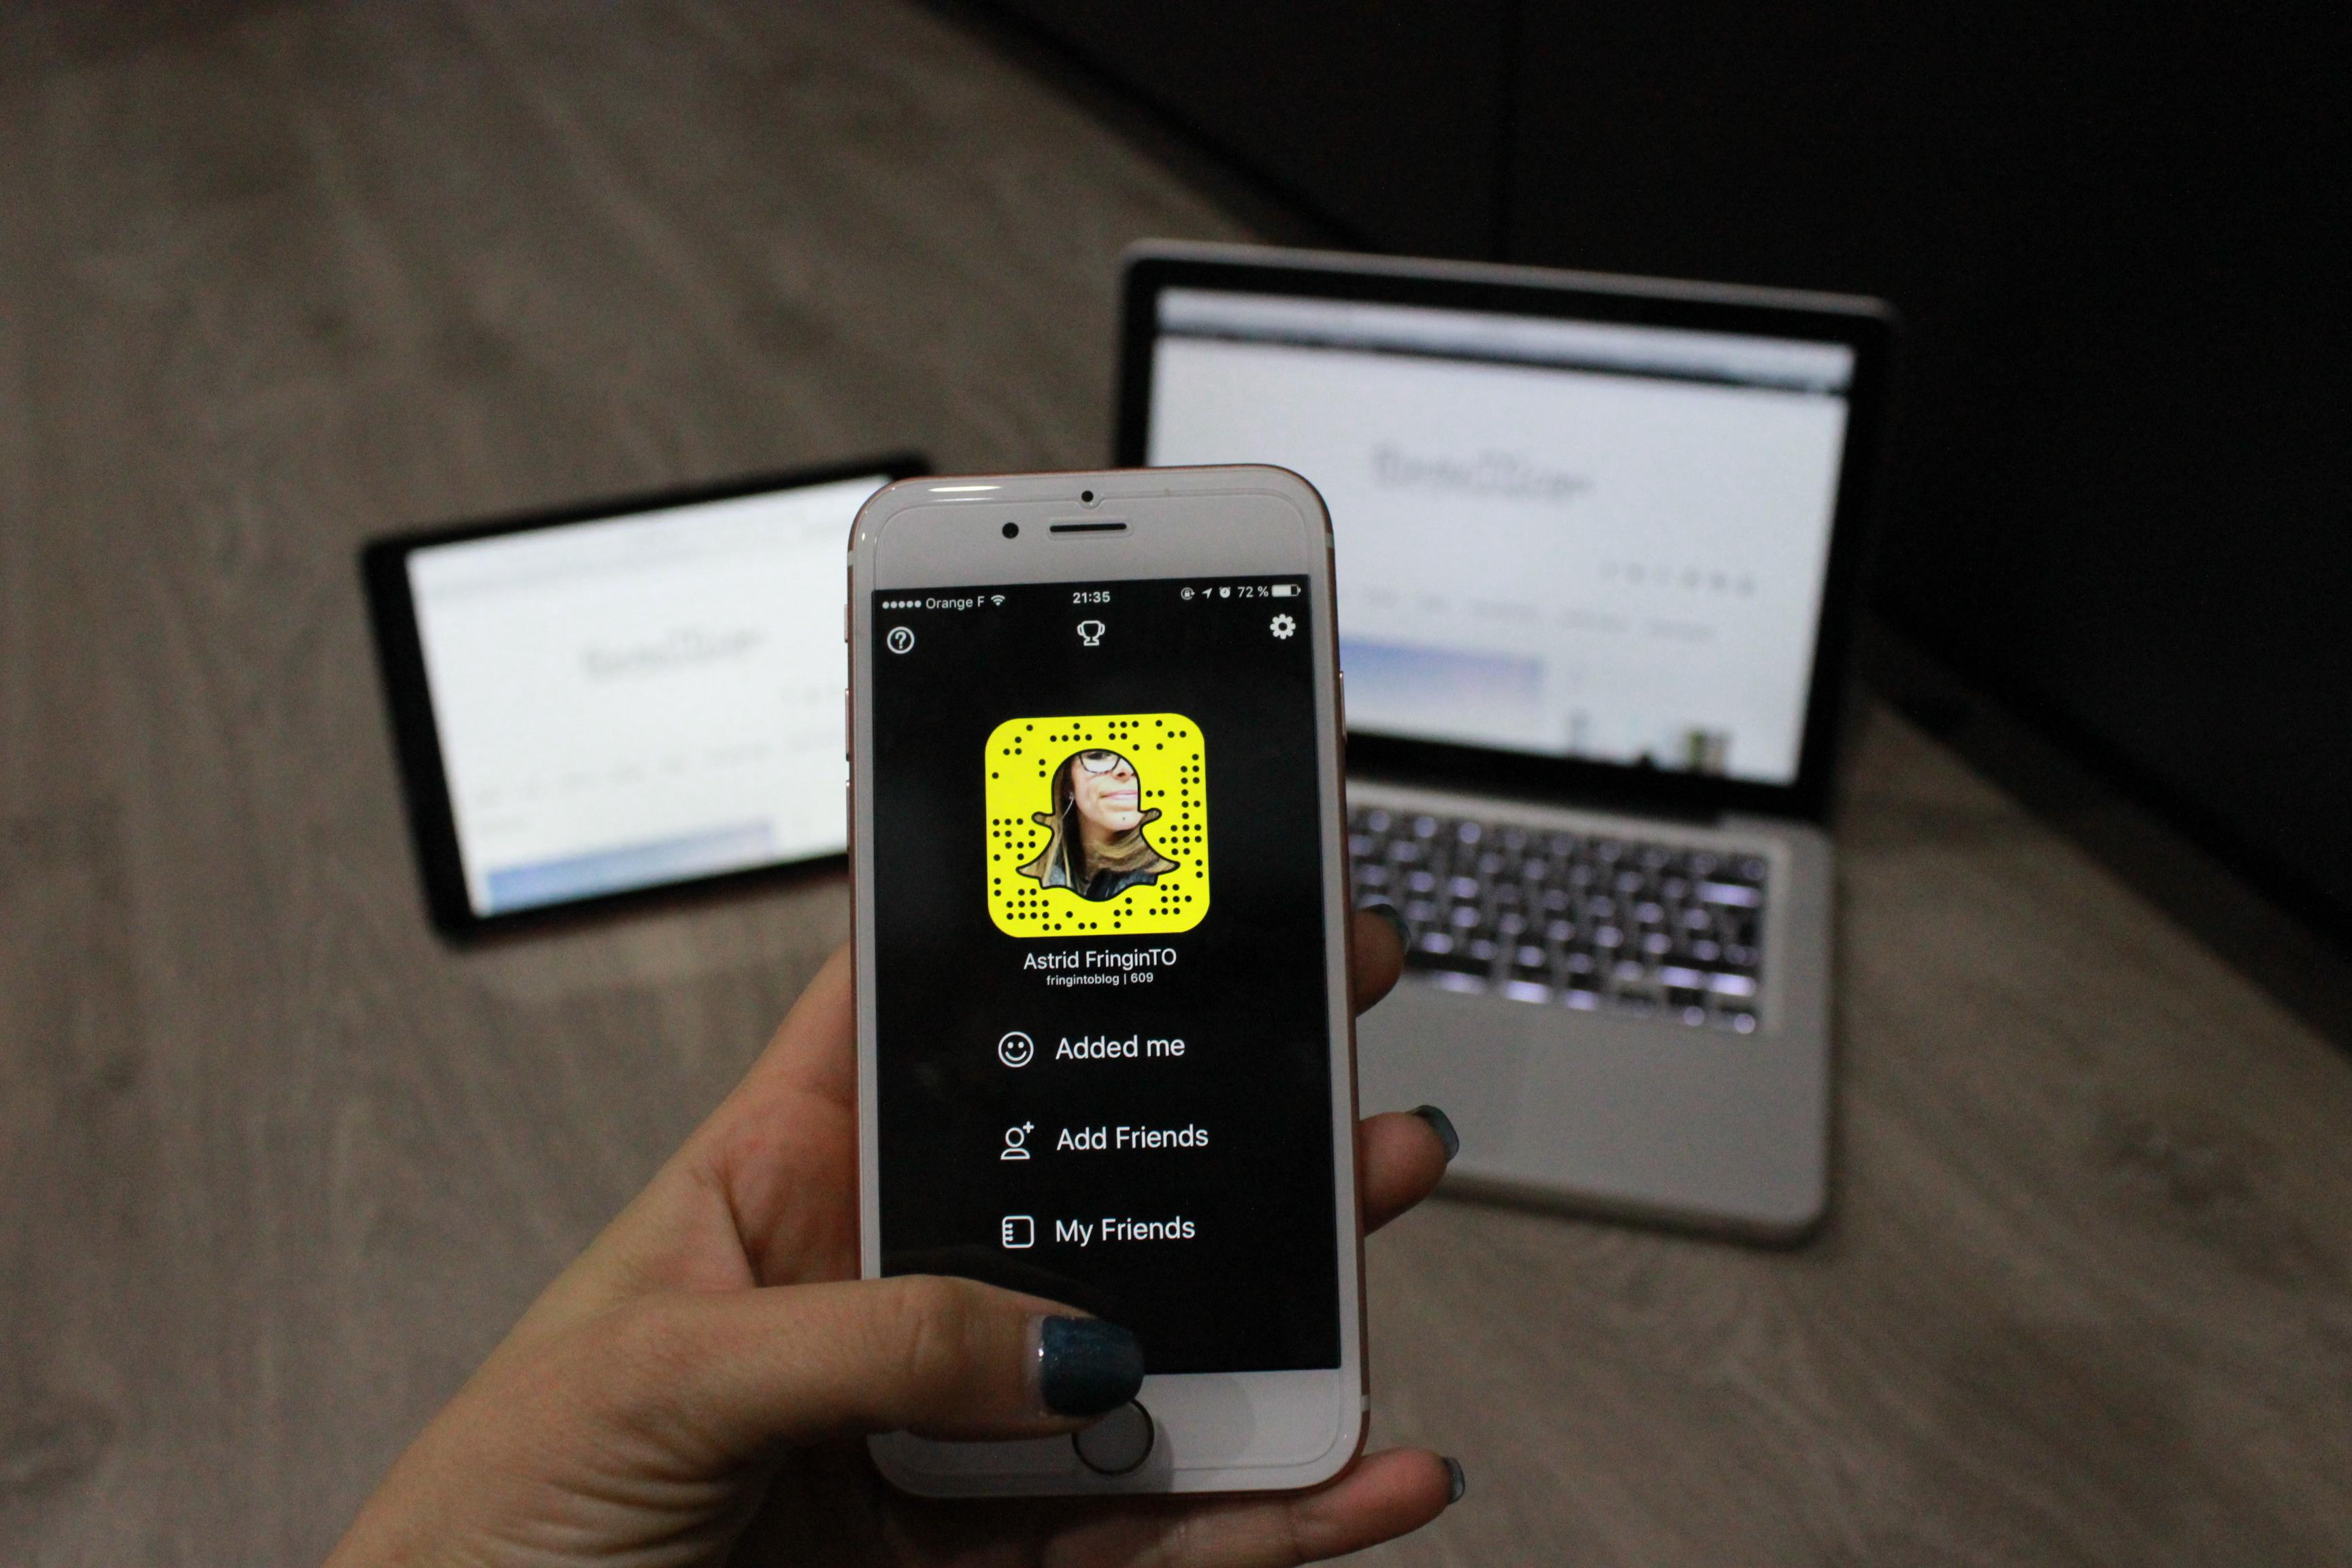 réseaux sociaux snapchat apple